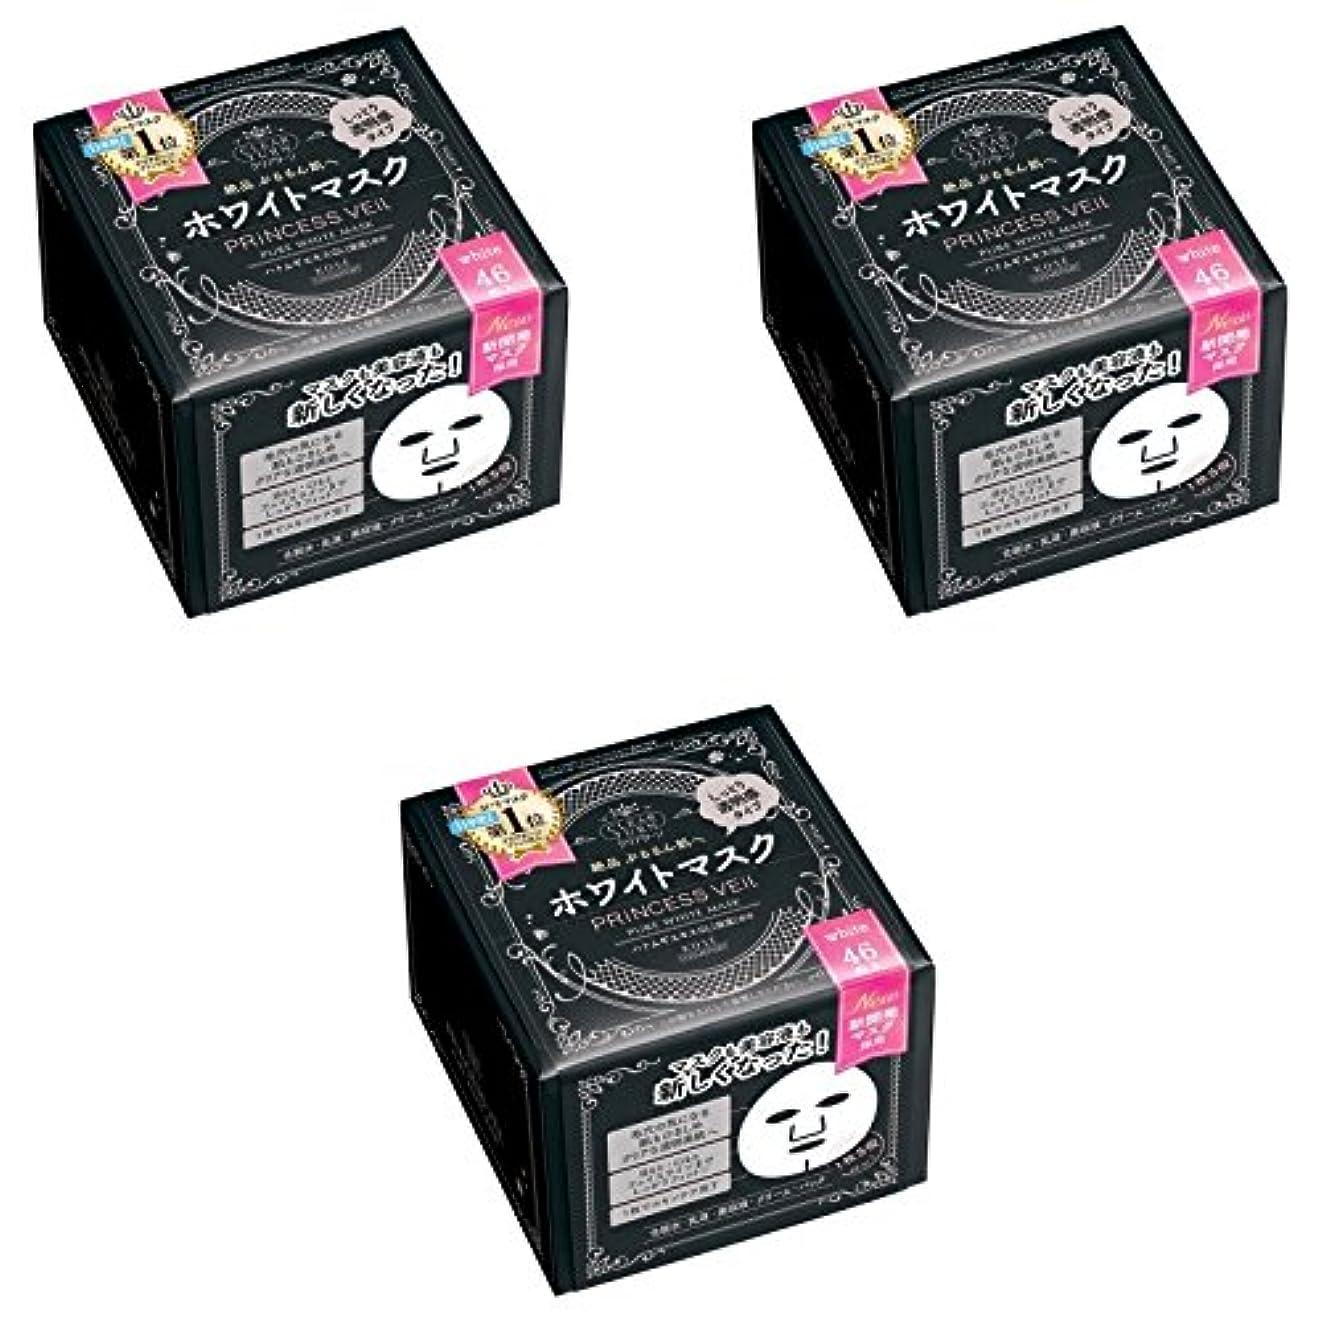 とても織機祈り【まとめ買い】KOSE クリアターン プリンセスヴェール ピュアホワイト マスク 46枚入【×3個】